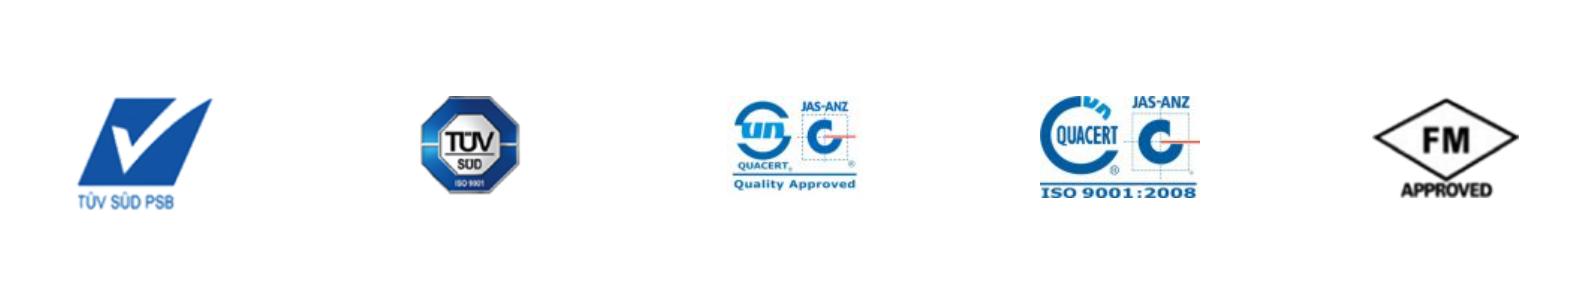 kabel frc certification